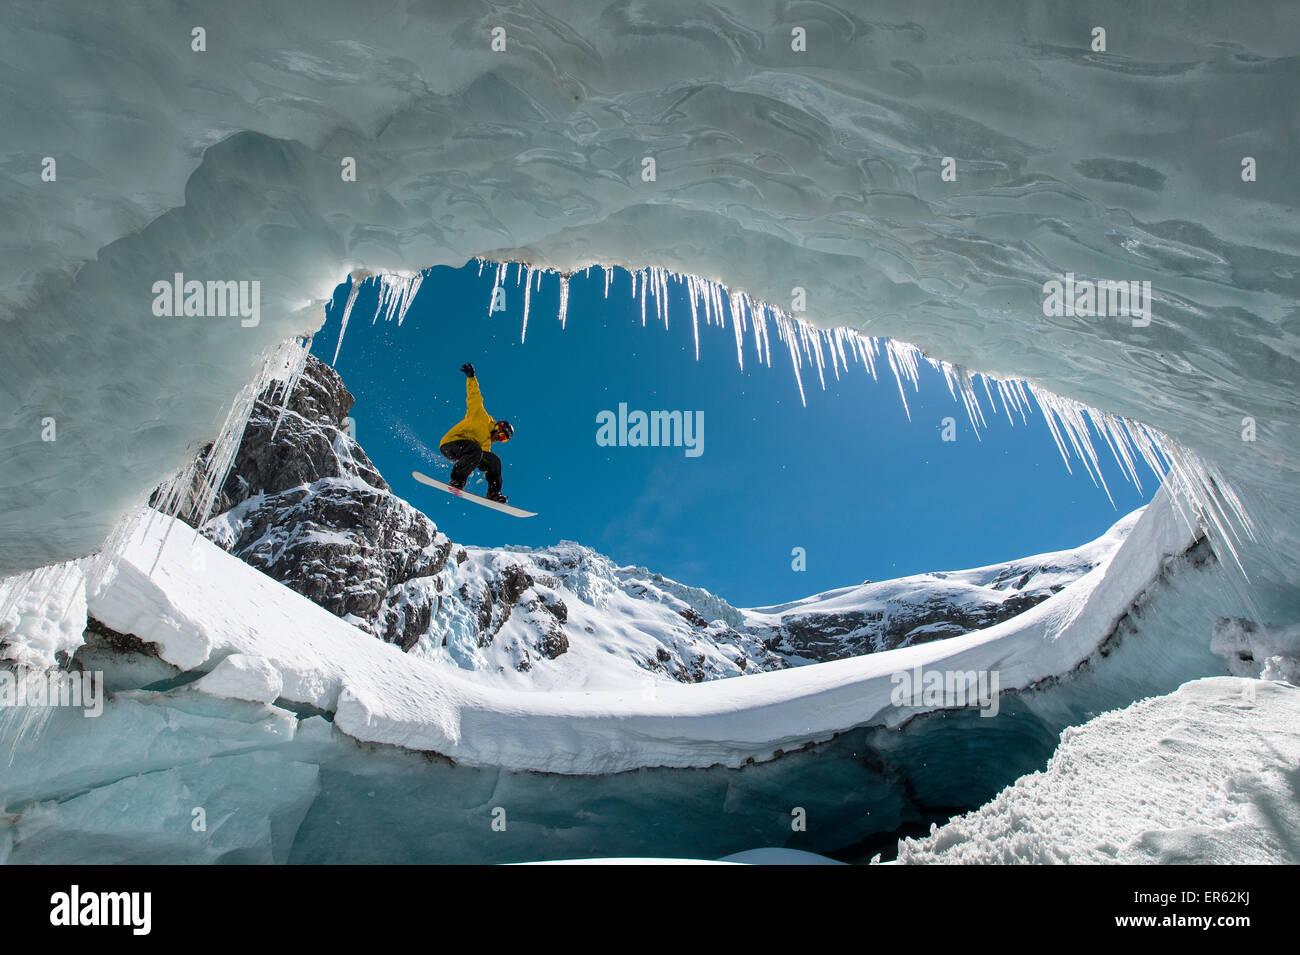 Snowboard nella caverna di ghiaccio, Val Roseg, Pontresina, nel canton Grigioni, Svizzera Immagini Stock